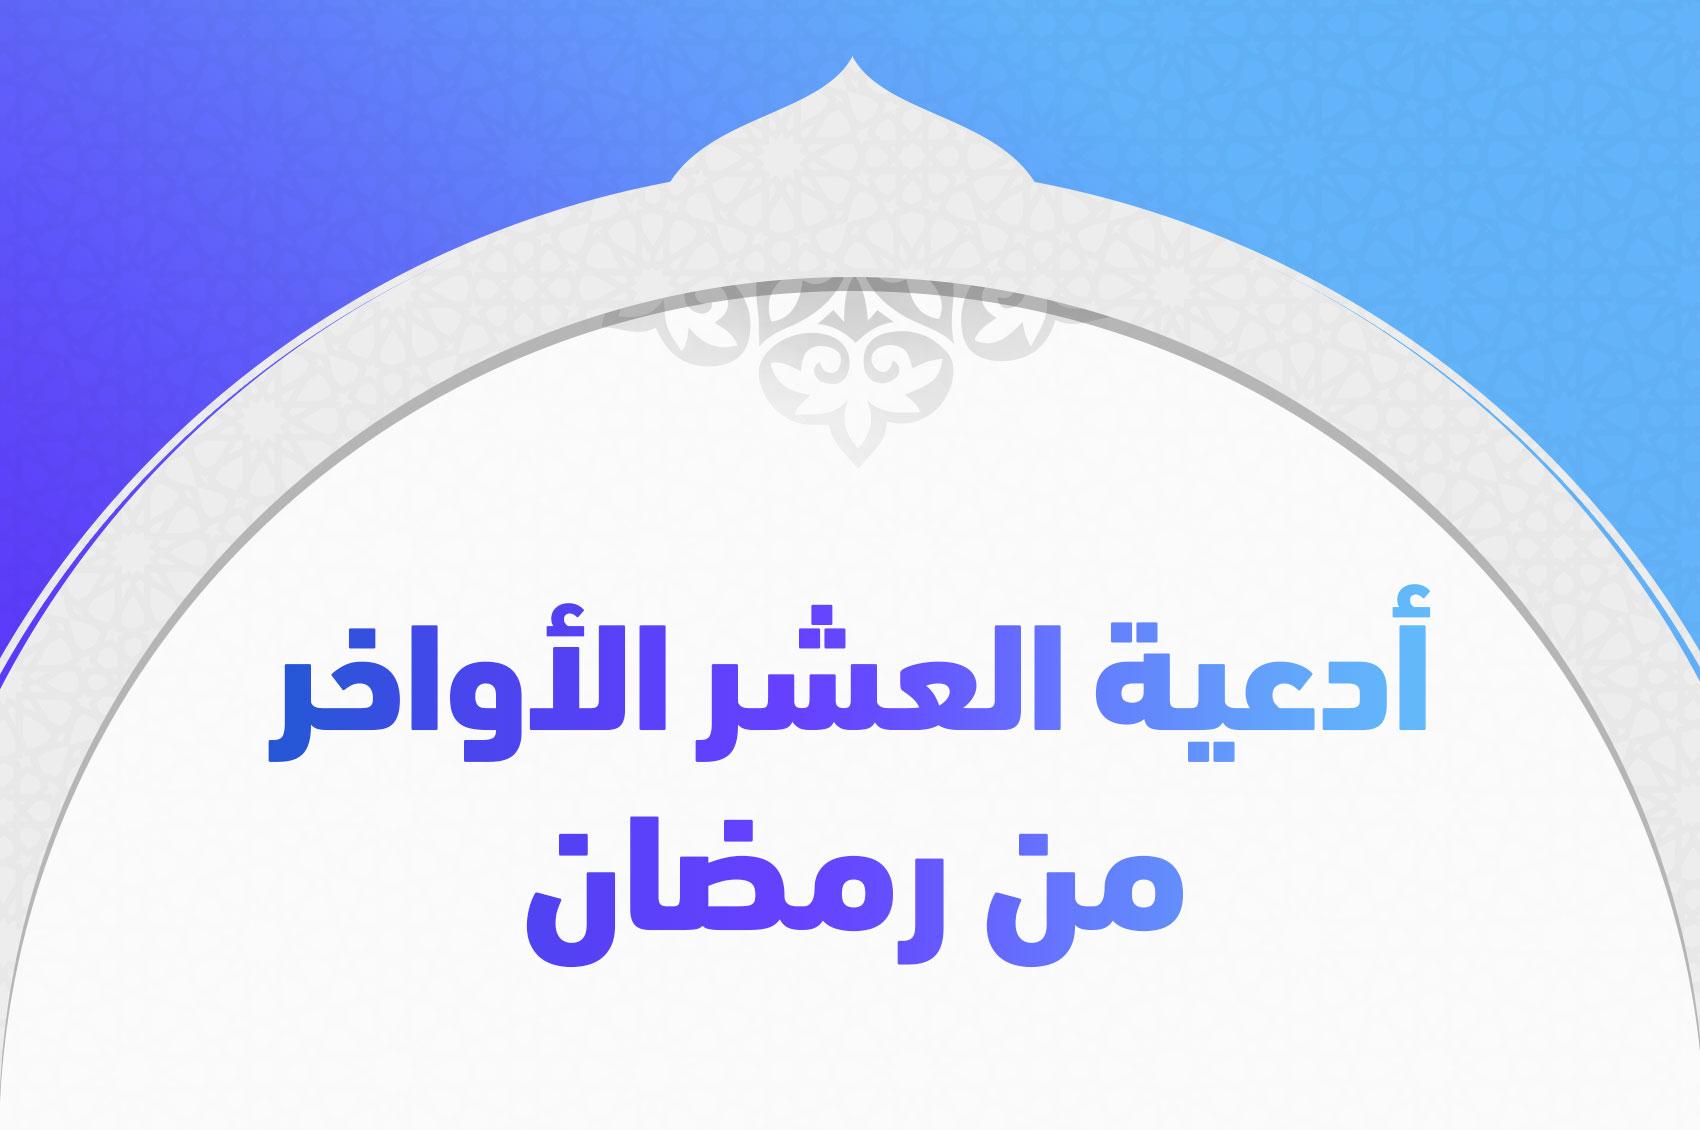 أدعية العشر الأواخر من رمضان وأفضل دعاء ليلة القدر تريندات